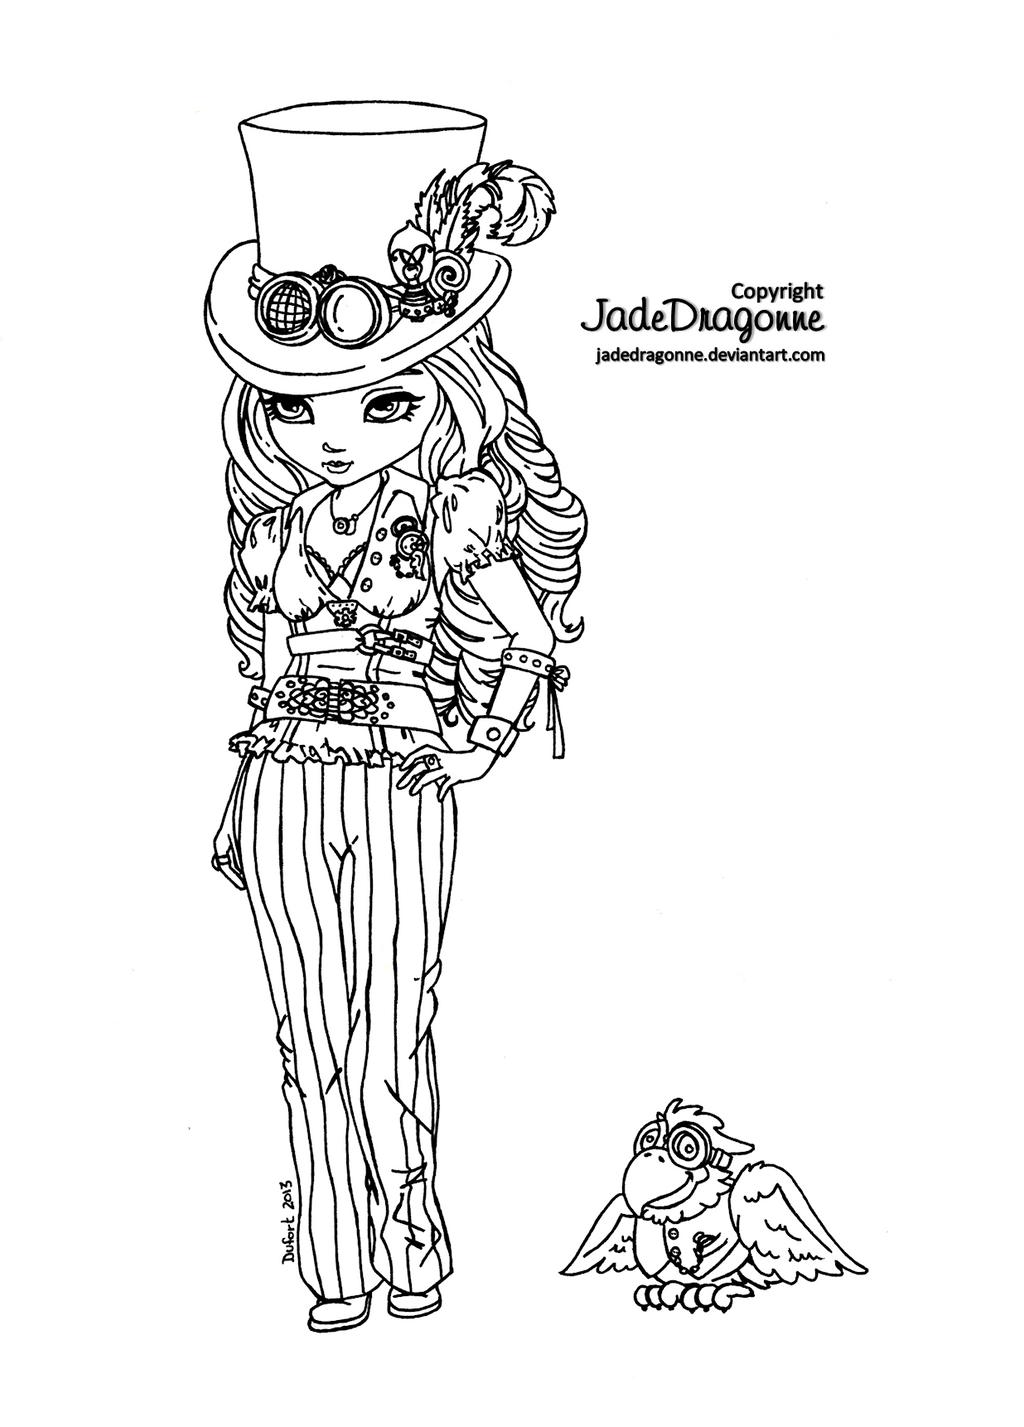 Steampunk Goth by JadeDragonne on DeviantArt